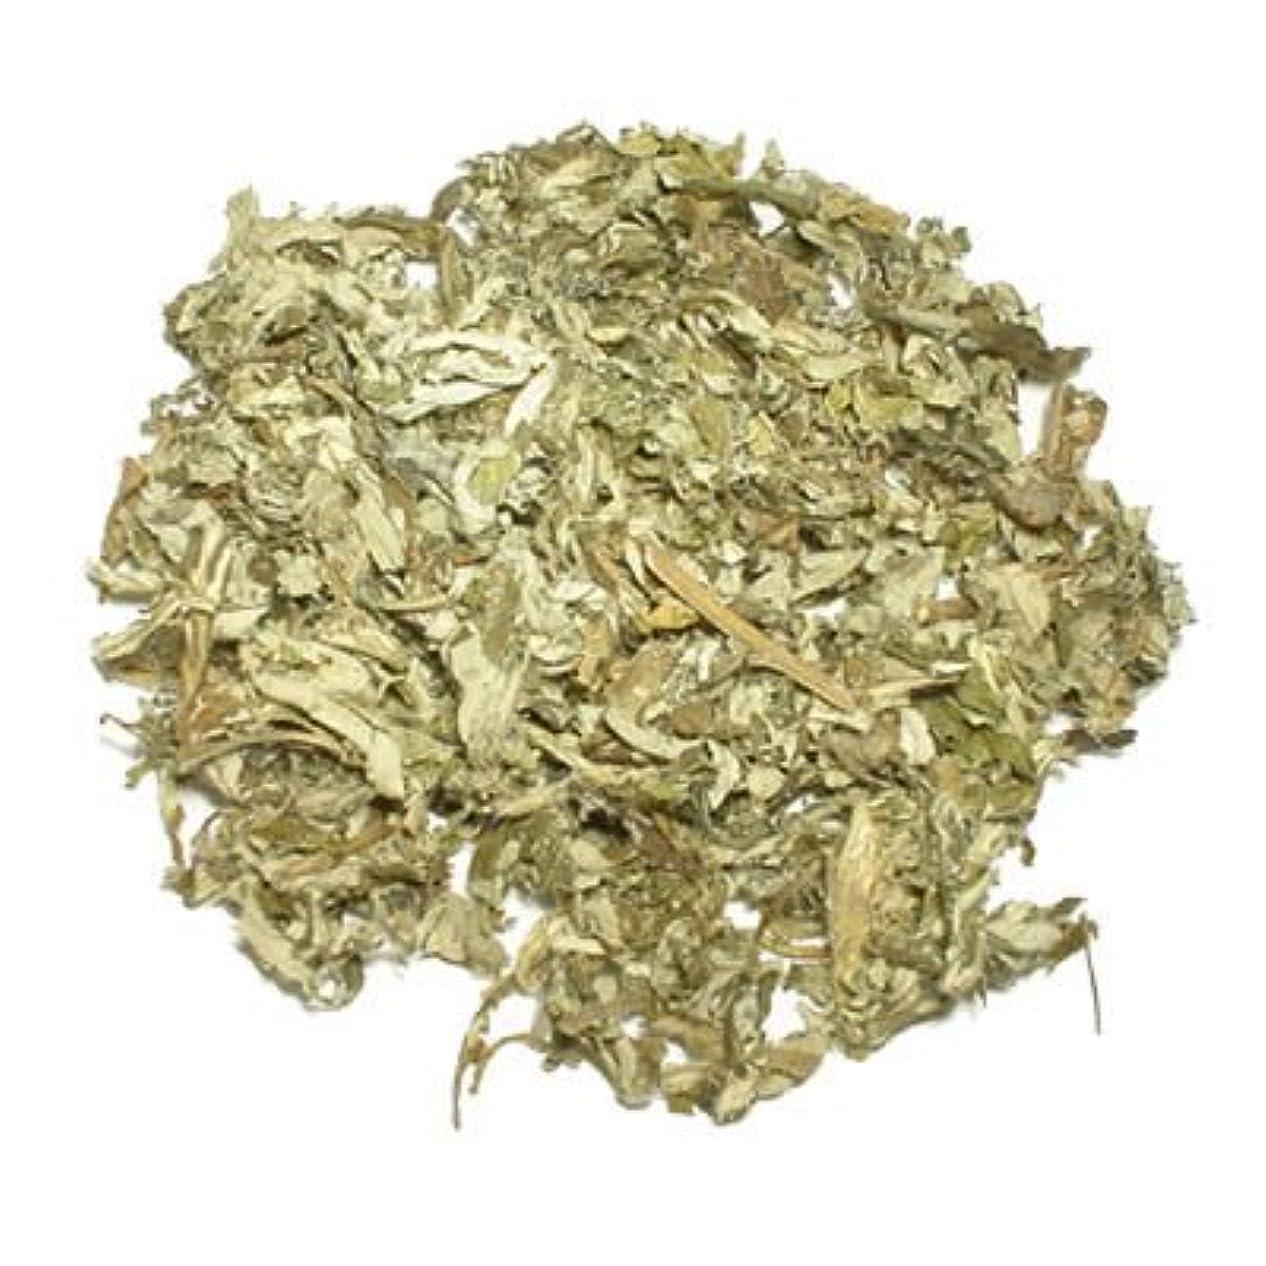 資産置換排泄するヨモギ業務用 500g 蓬茶 本場韓国産ヨモギ 葉(地上部 主に葉)100% 乾燥よもぎ茶 よもぎ風呂 ヨモギ蒸し